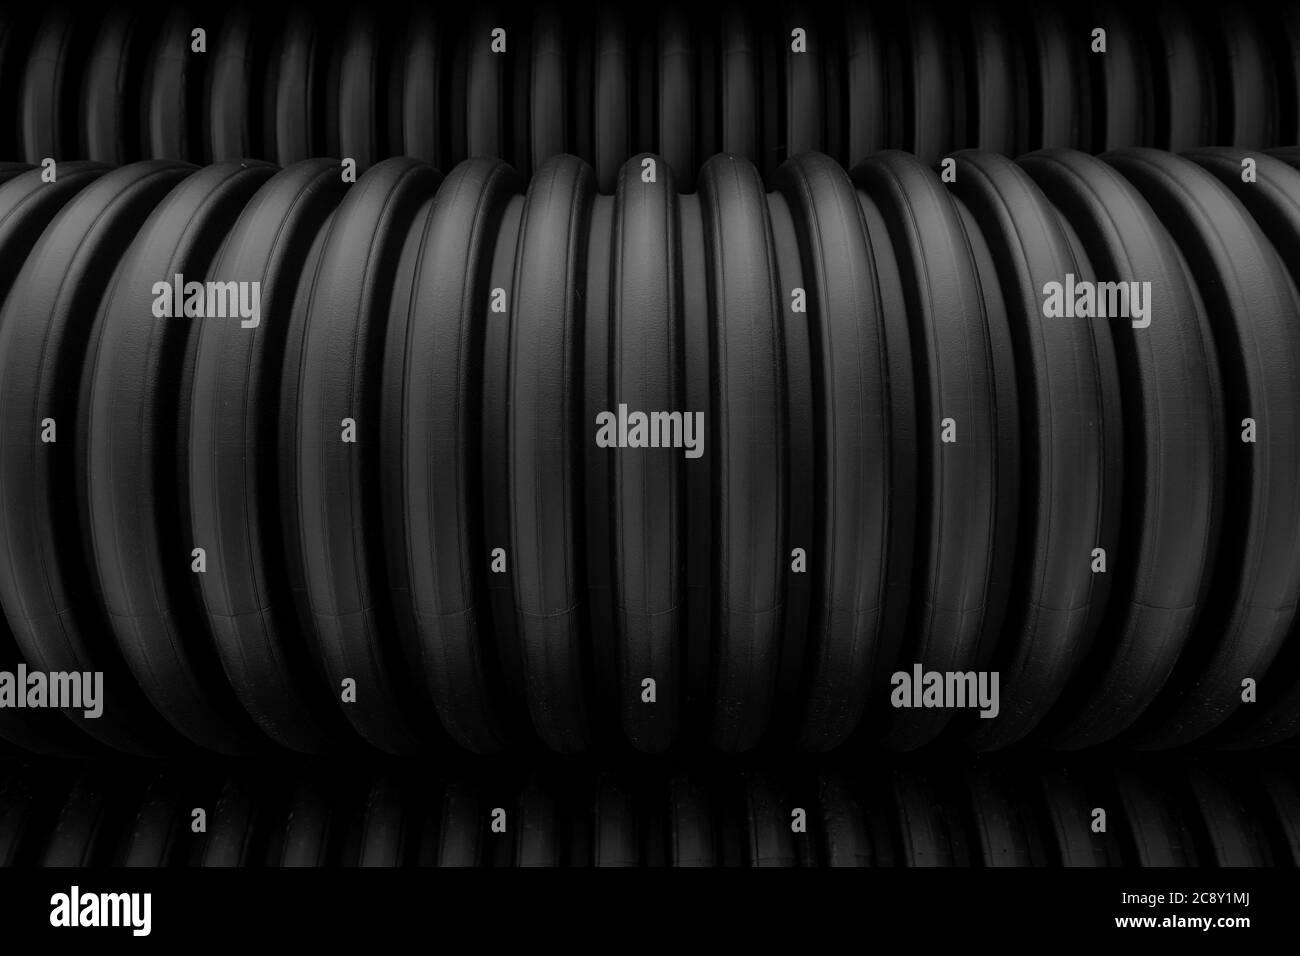 Tubi di plastica industriale tubi corrugati fondo. Bianco e nero. Foto Stock